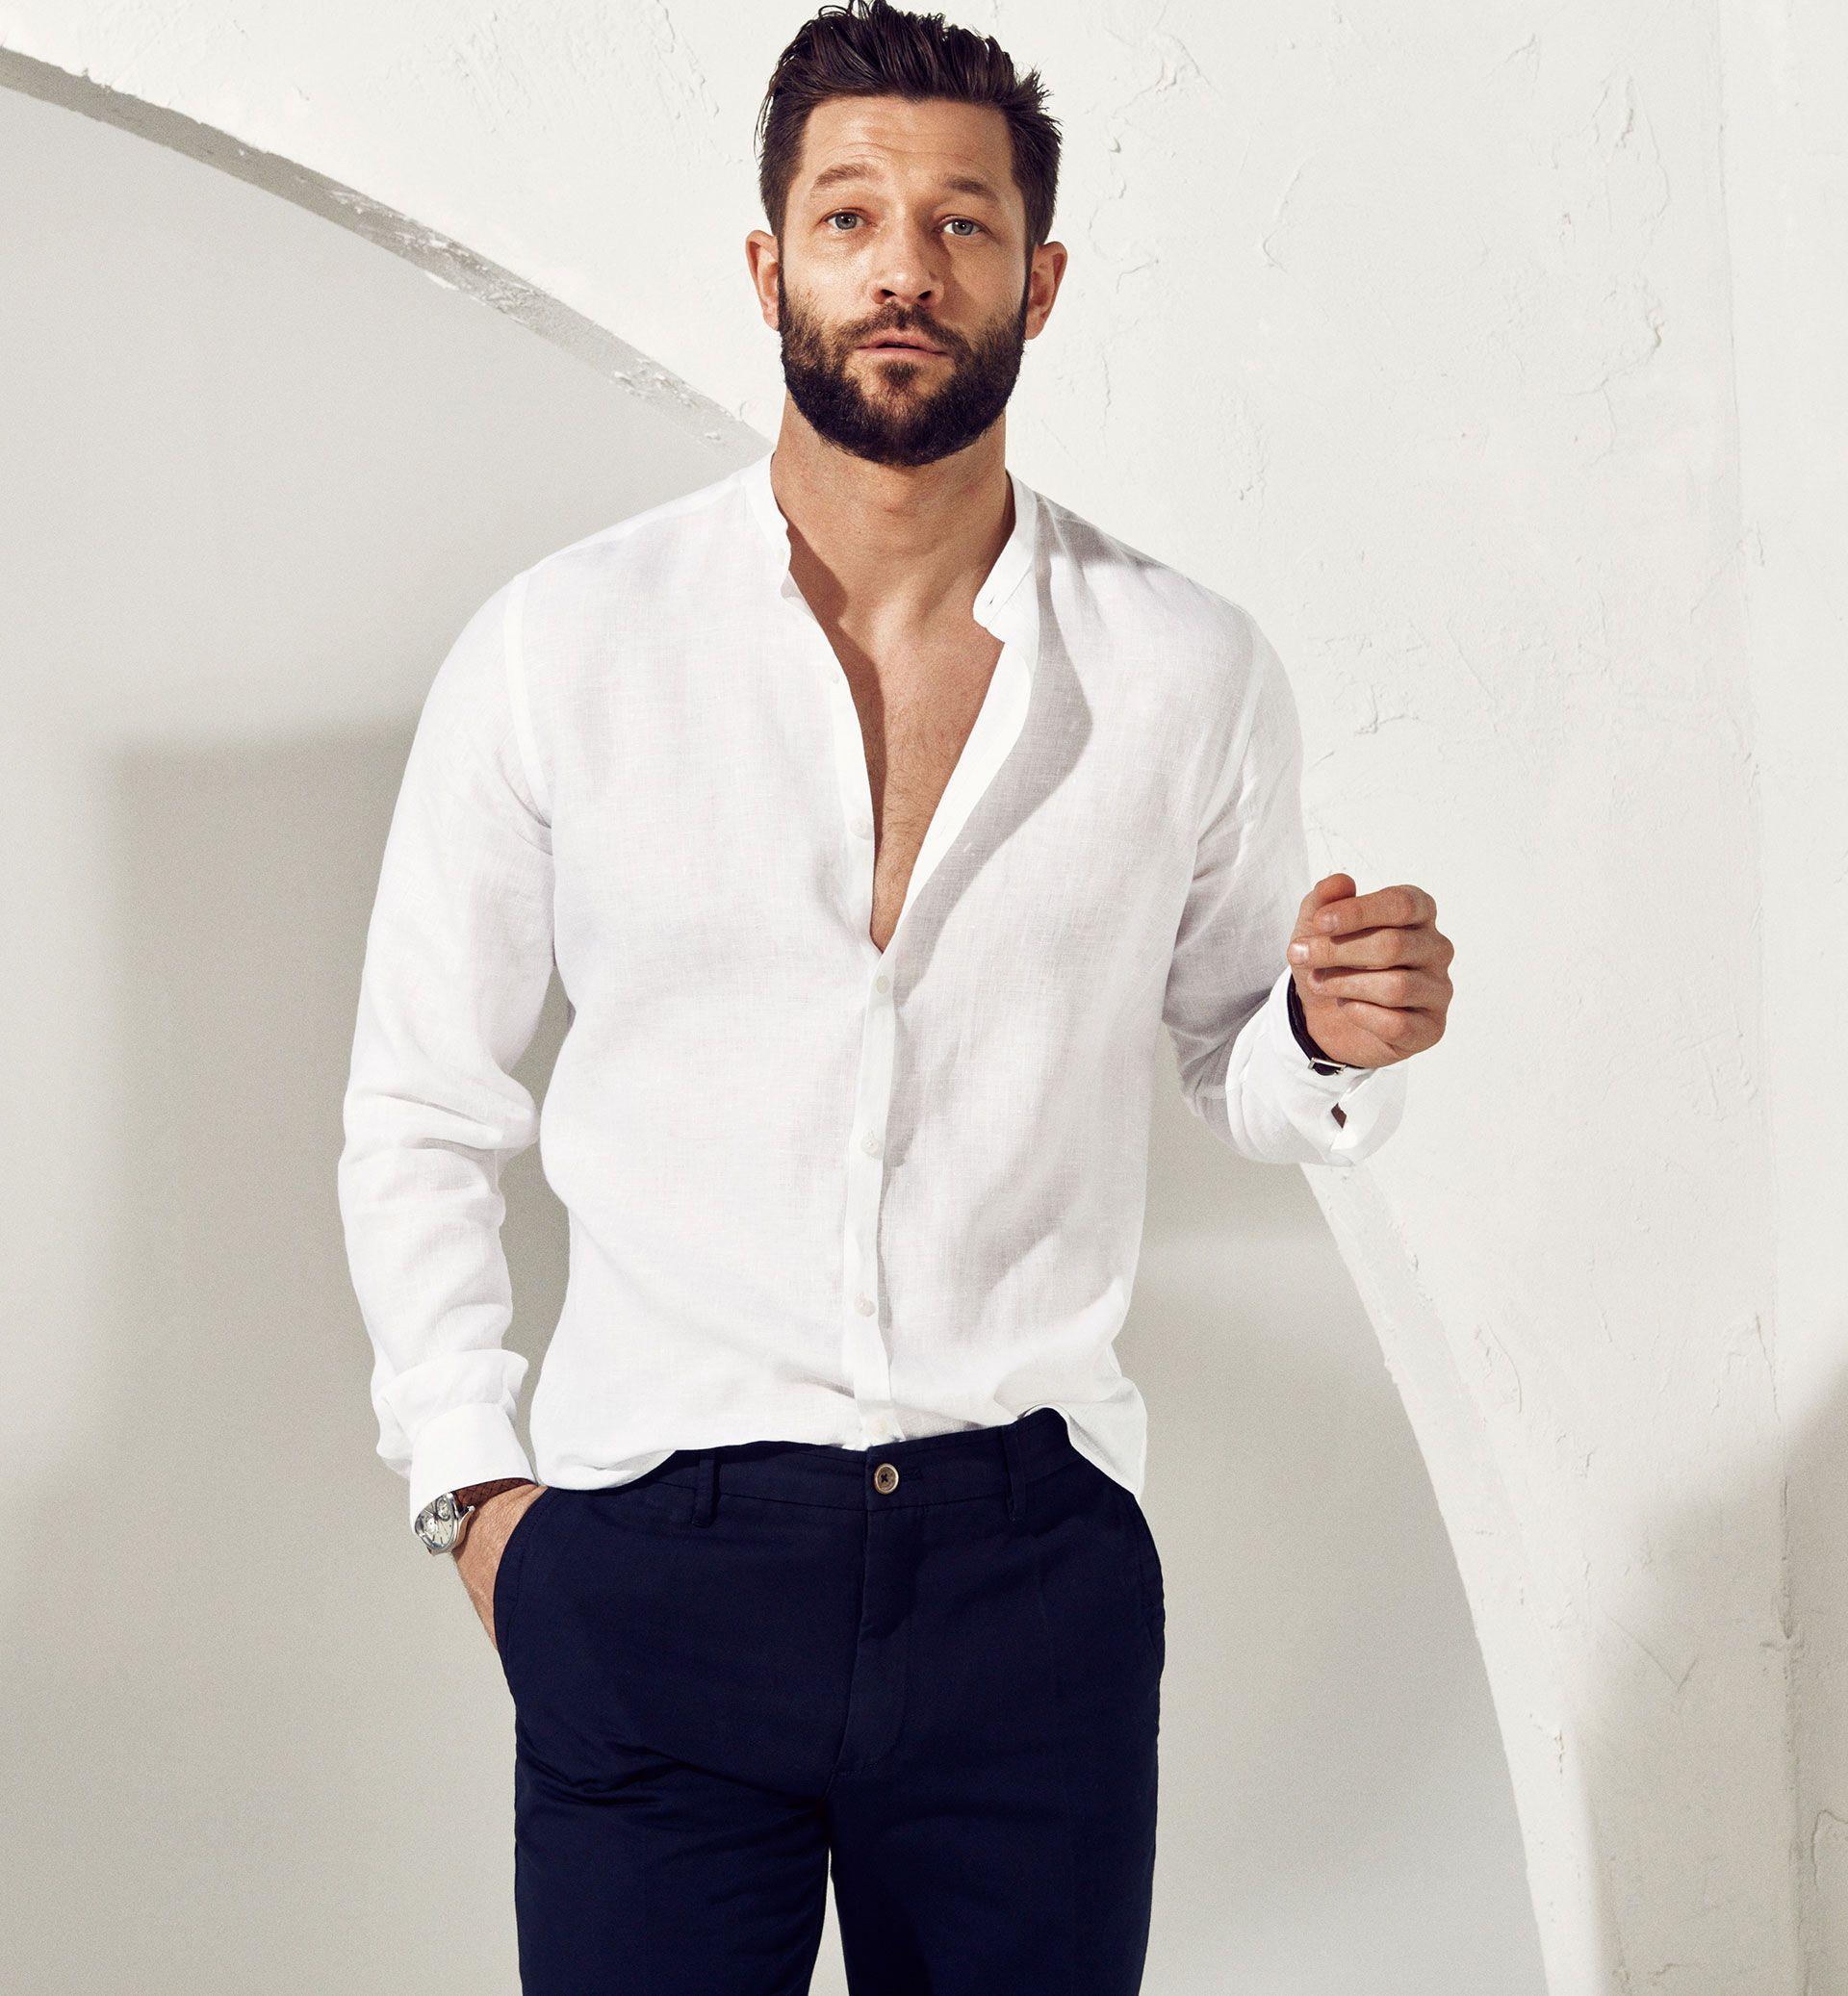 Limited Edition White Linen Shirt Casual Shirts Men Finland Massimo Dutti Estilos De Ropa Para Hombre Ropa De Hombre Camisa De Lino Blanco [ 2074 x 1920 Pixel ]